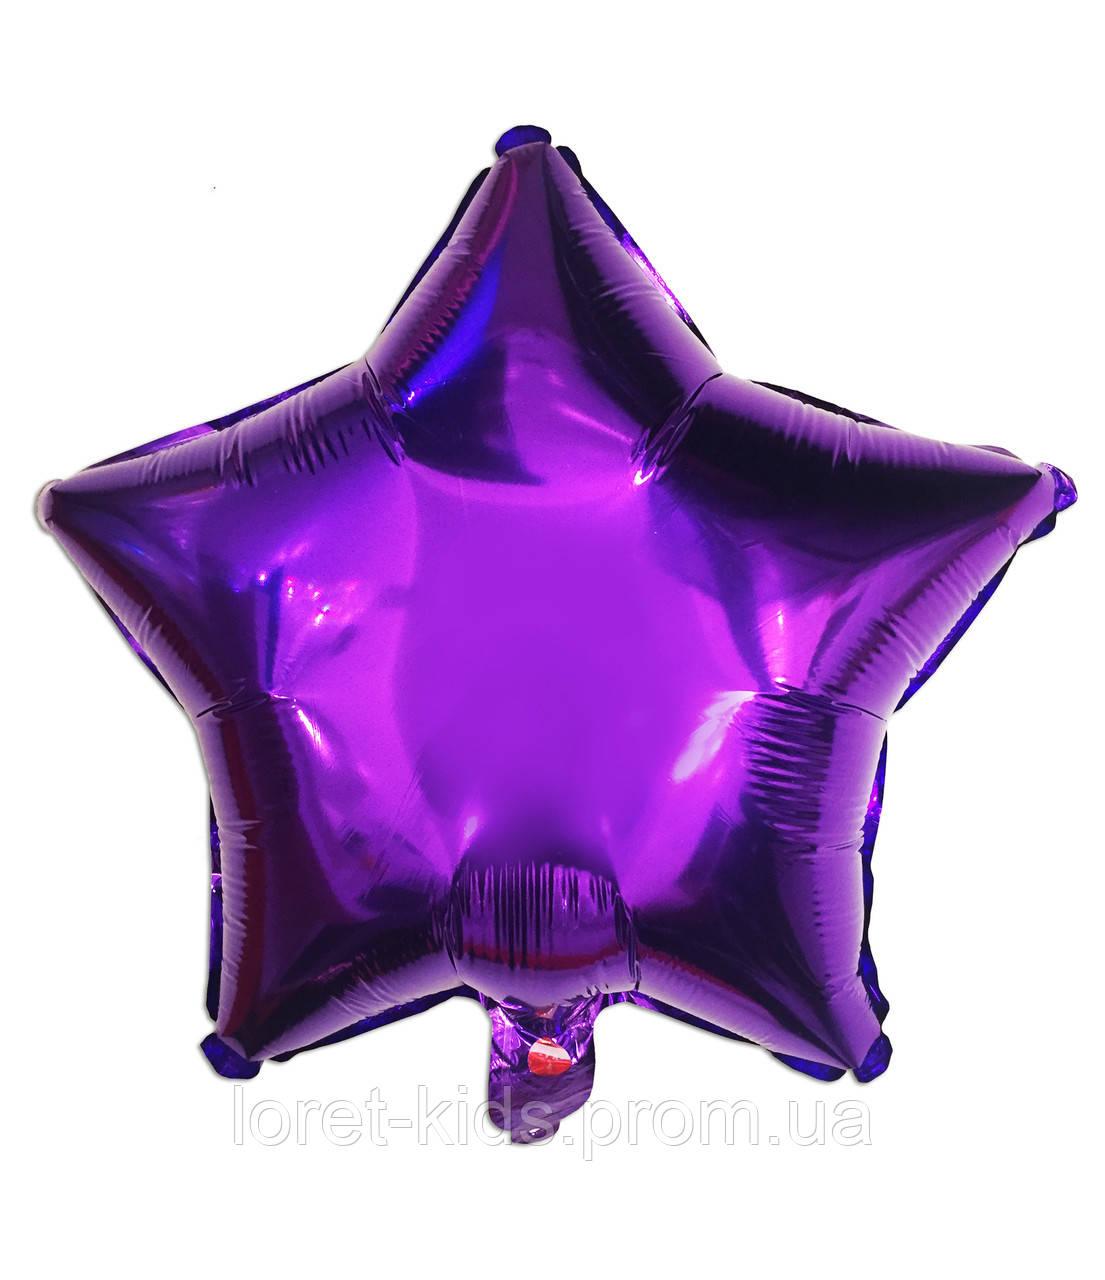 """Шарик фольгированный """"Звезда фиолетовая"""" диаметр 45см."""